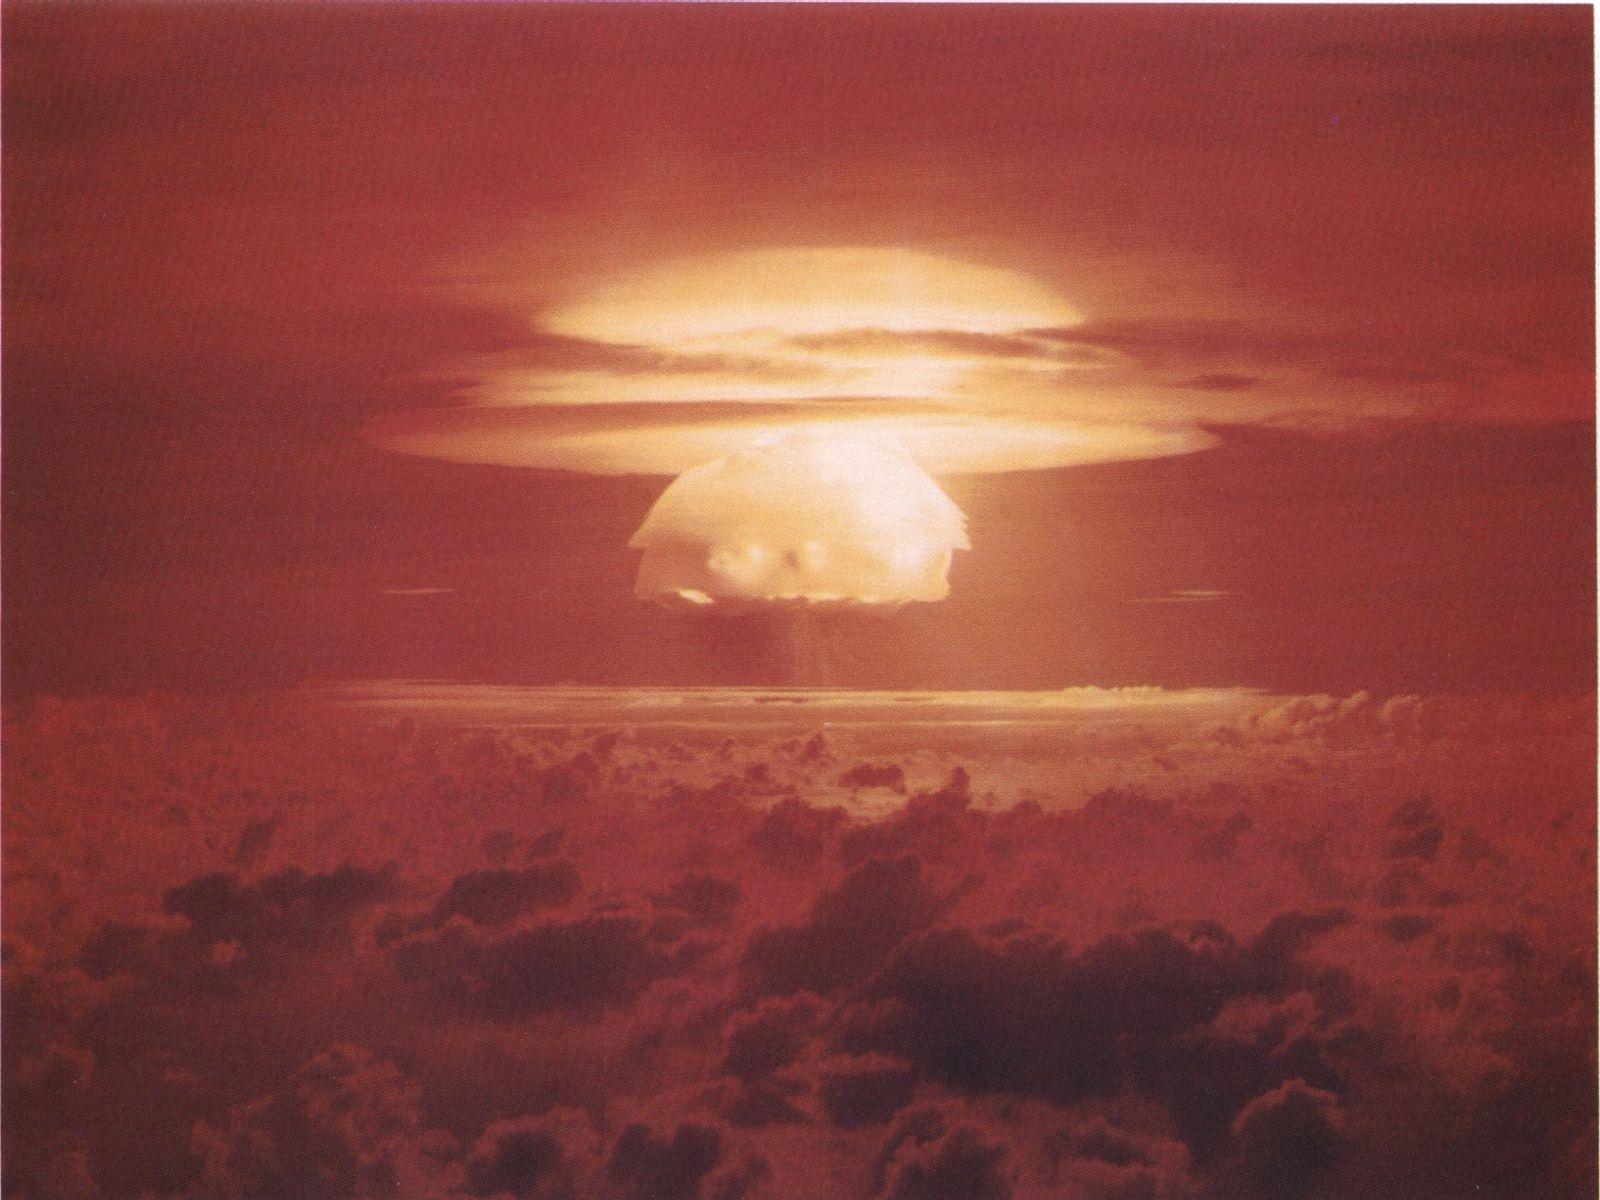 Bikini Atoll Likely Still Too Radioactive For Resettlement